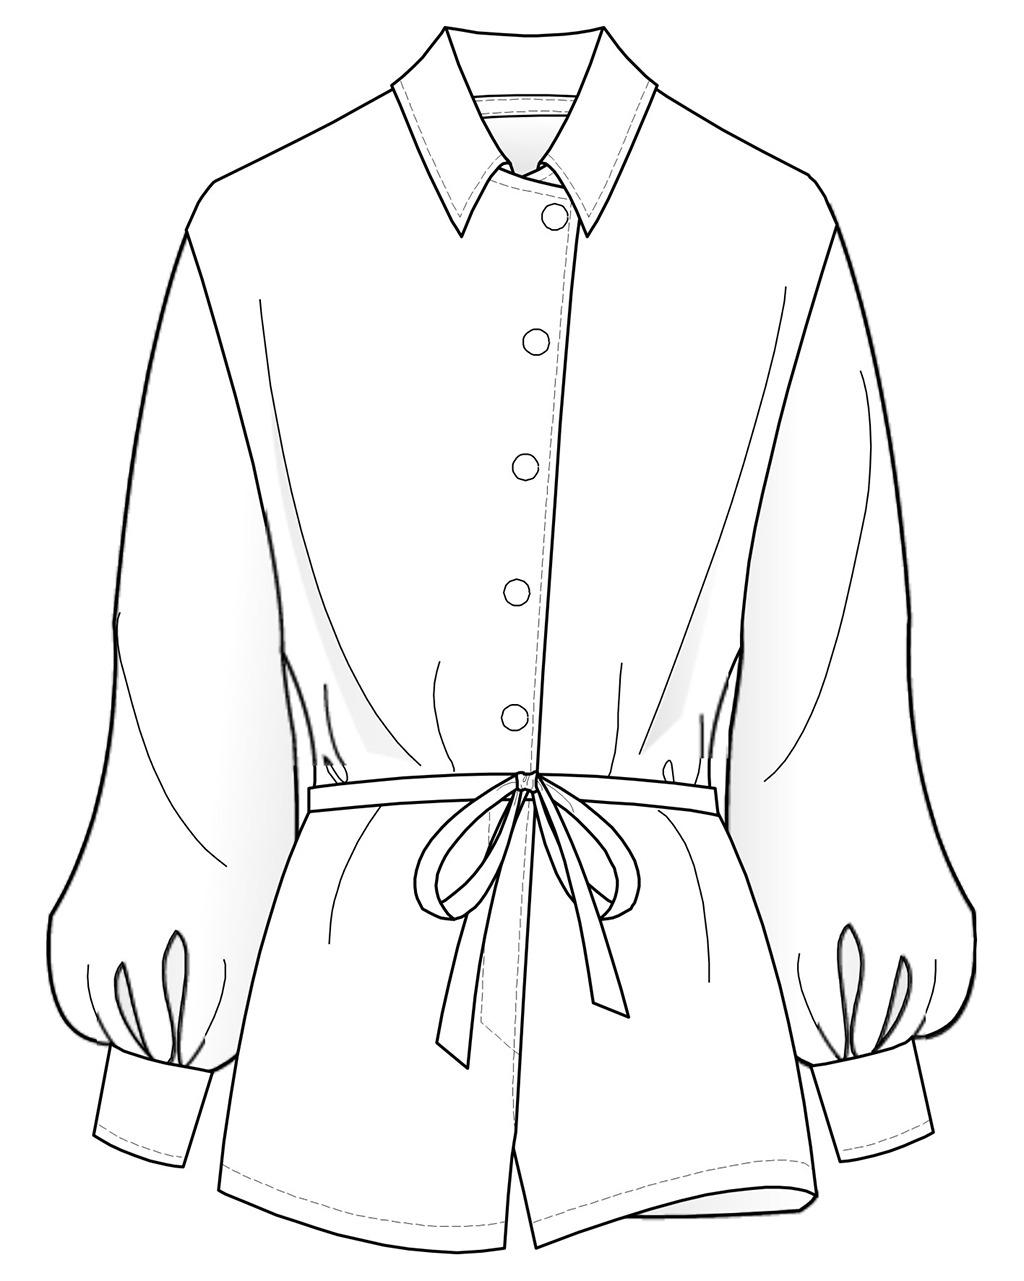 服装设计 服装手稿 上衣设计 > 女士长外套线稿设计  下一张&gt